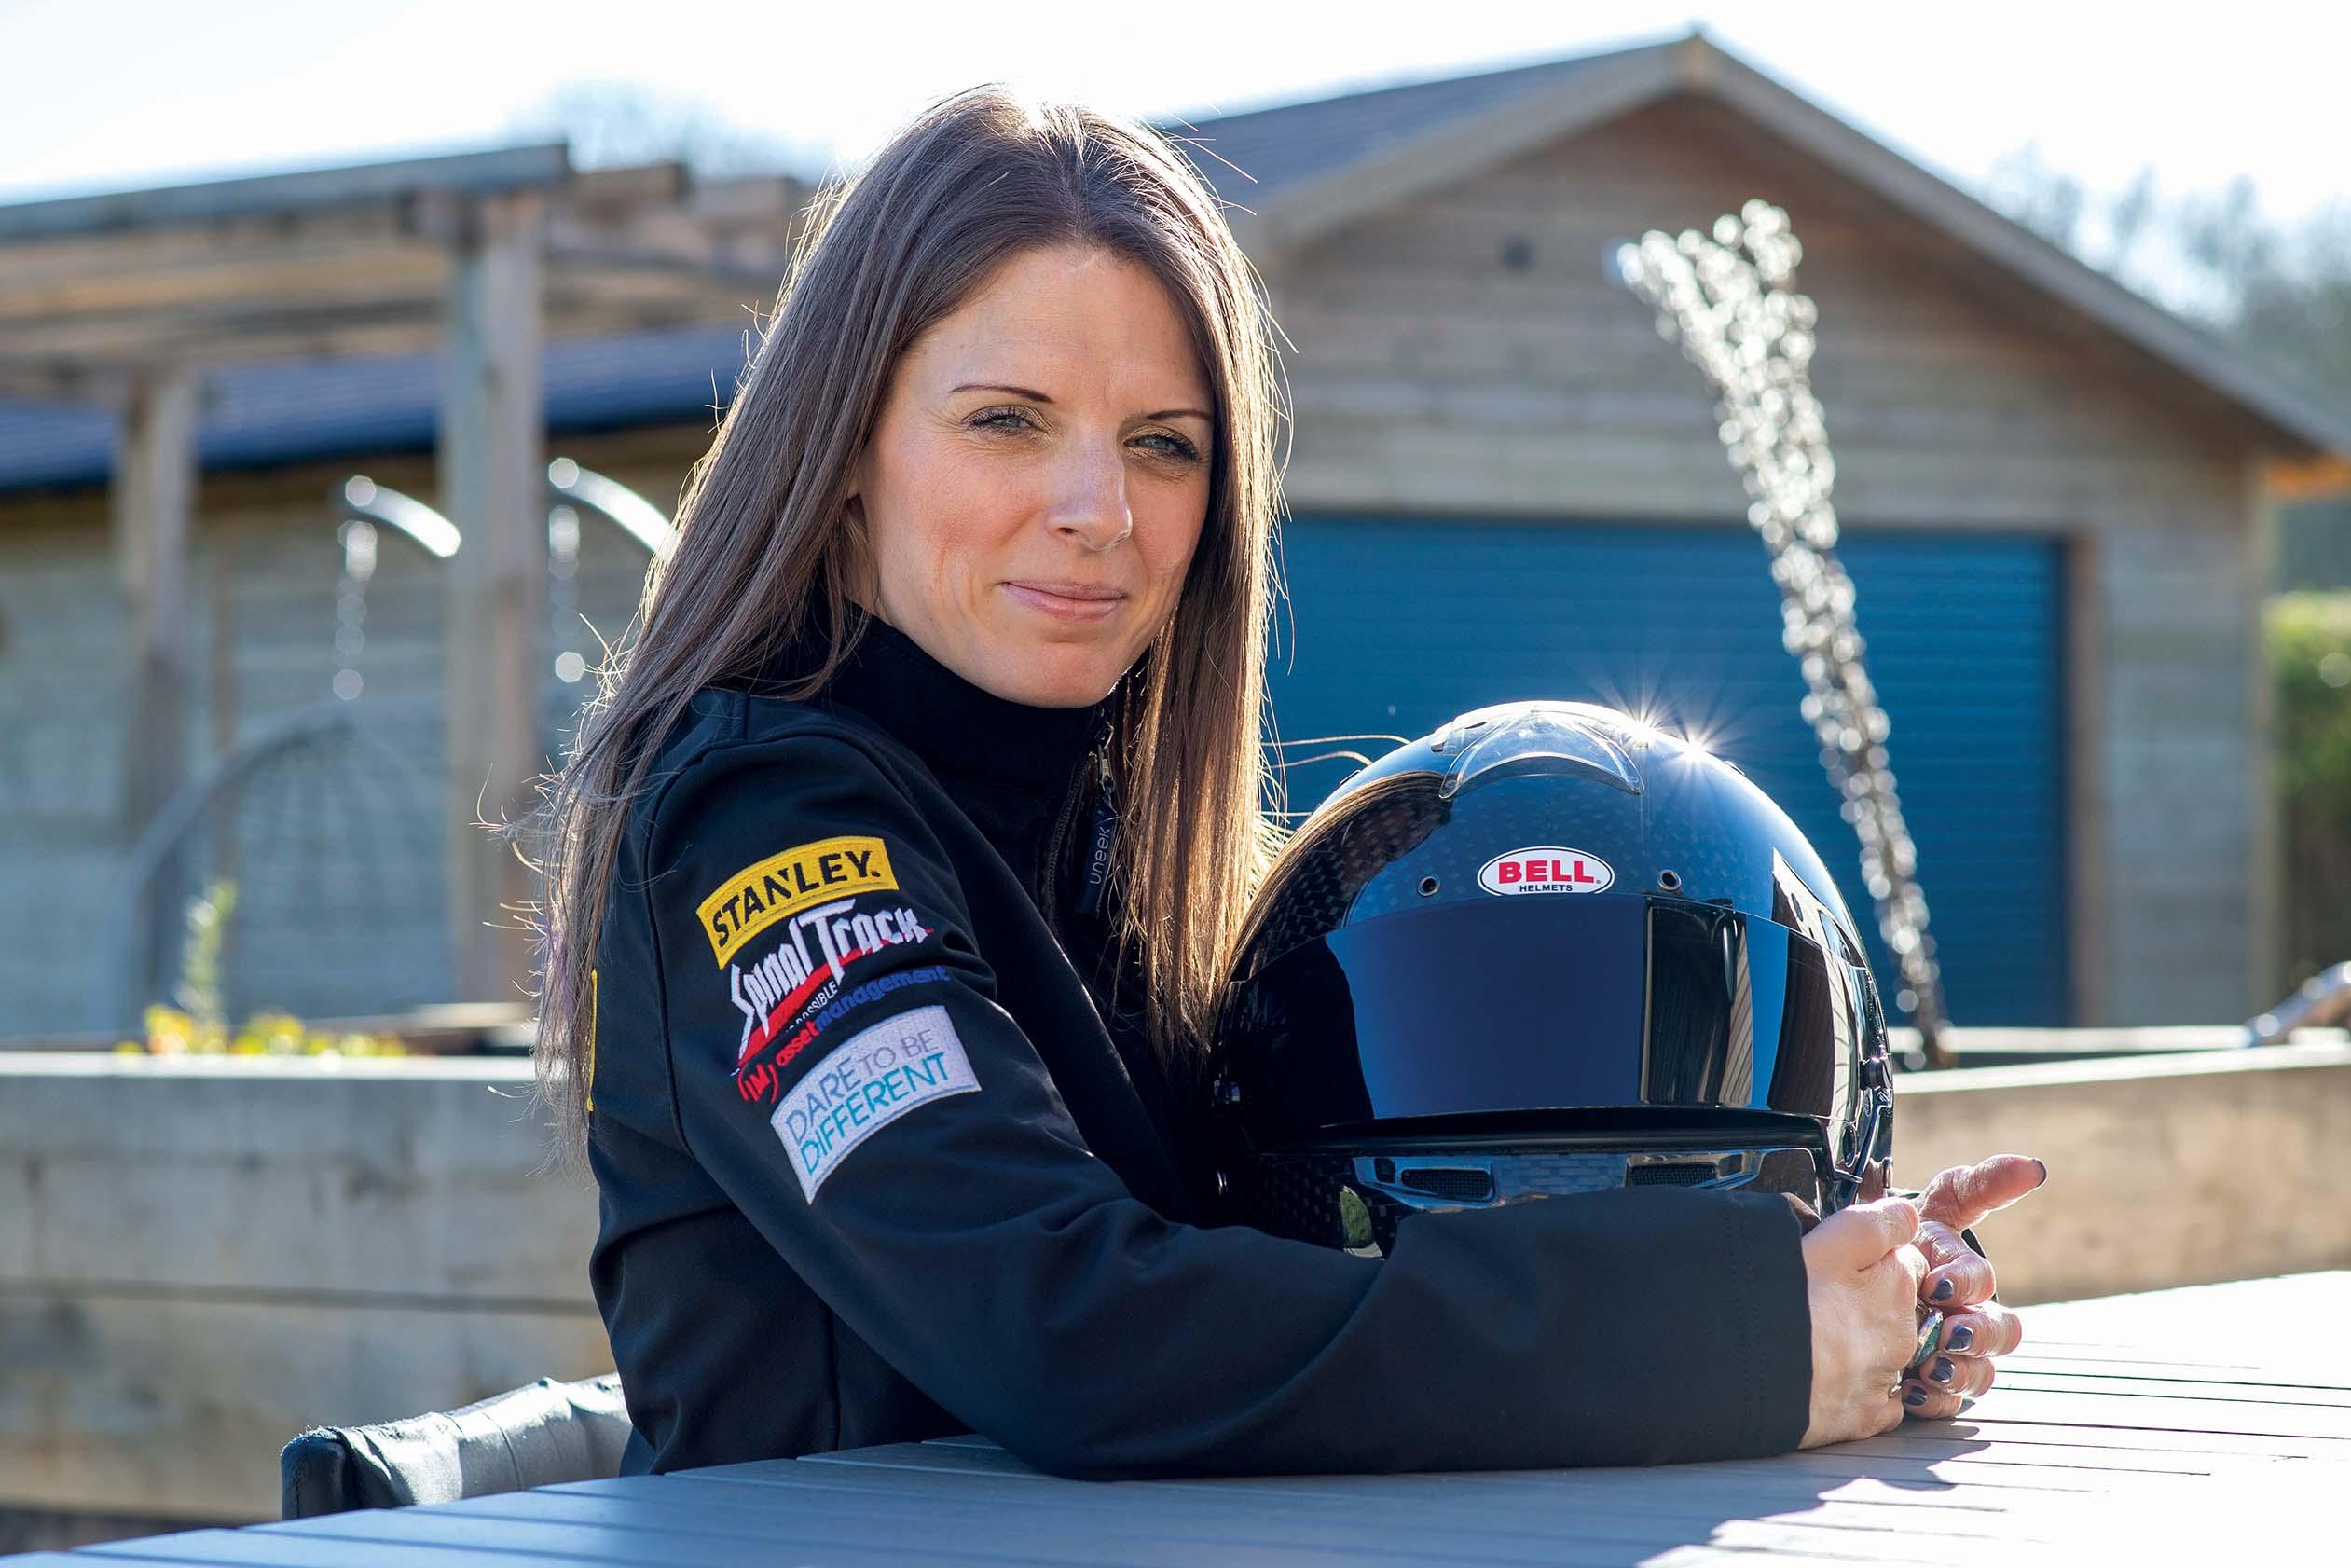 Nathalie McGolin holding a car racing helmet